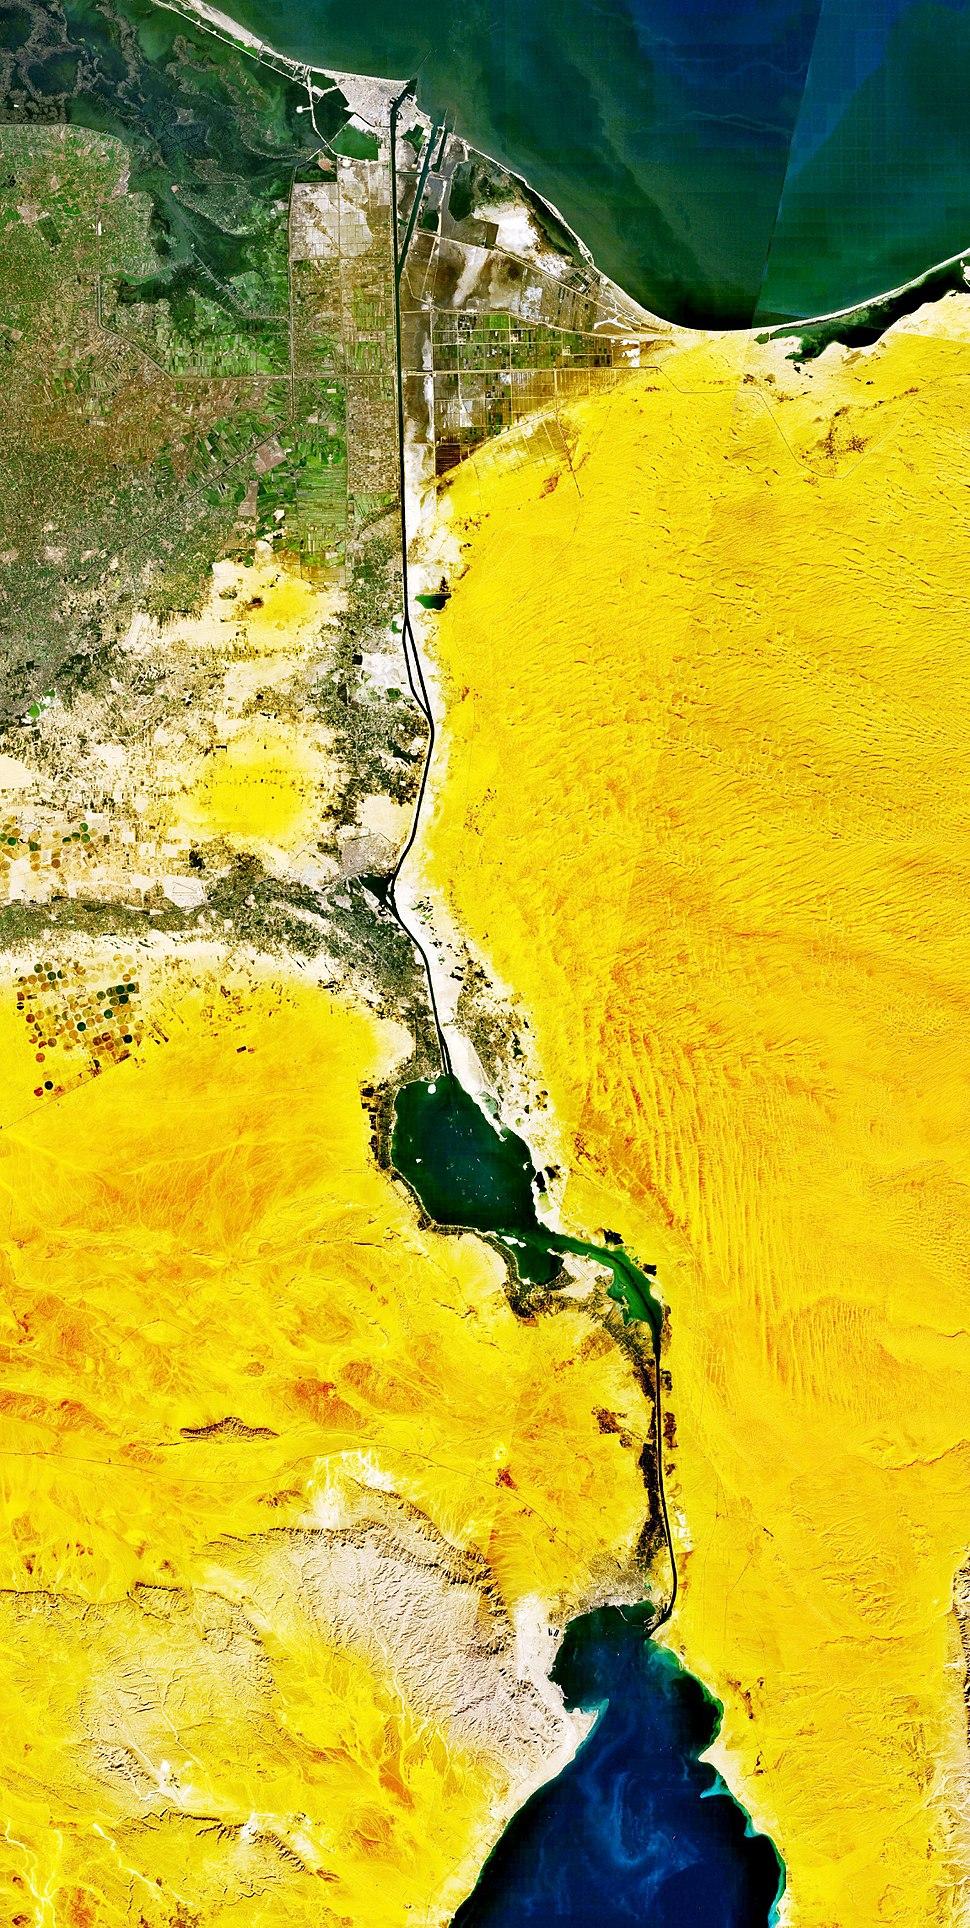 Suez canal 30.55N 32.28E